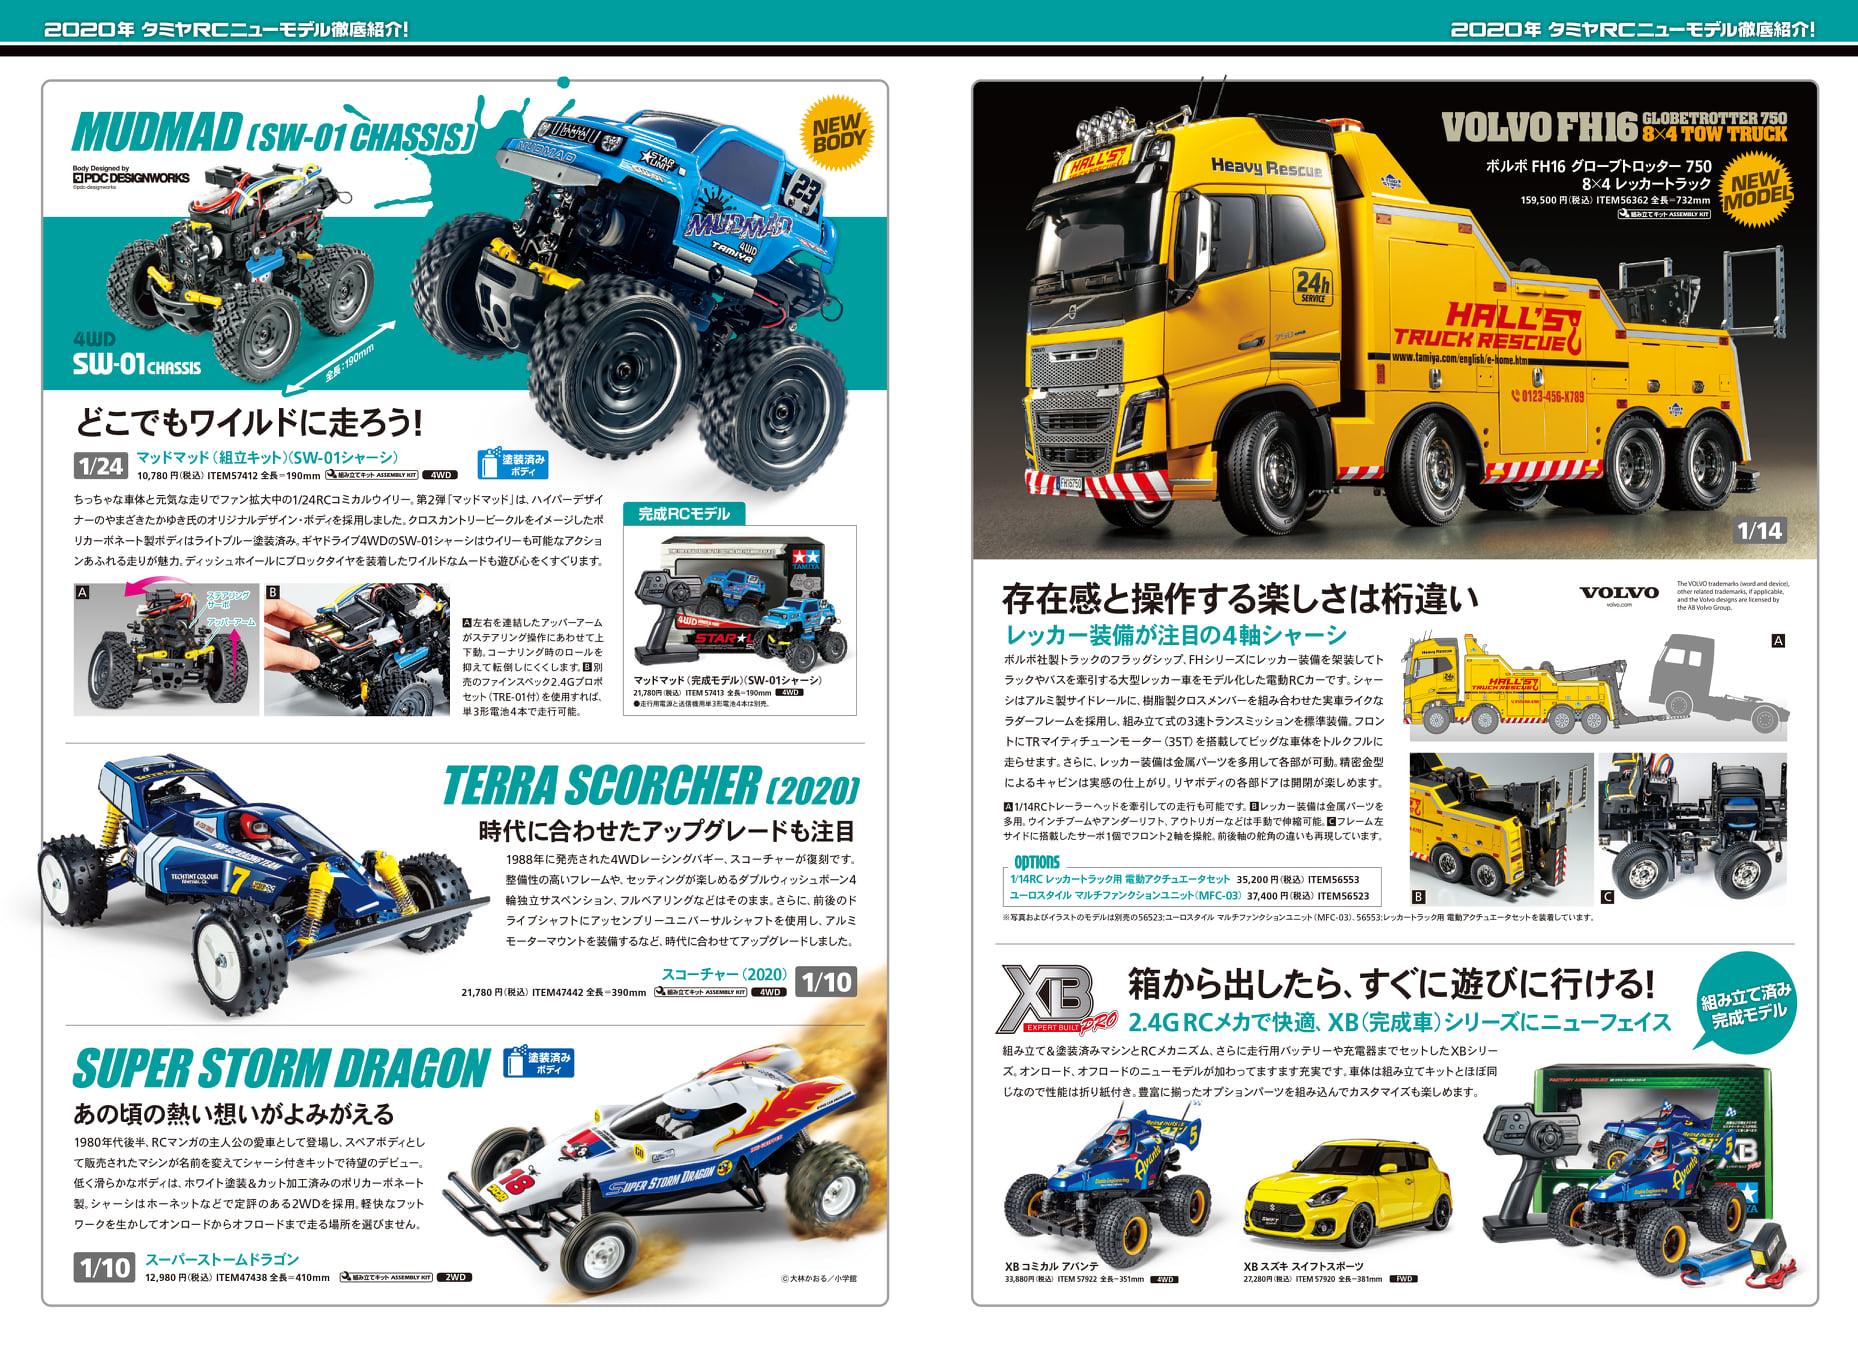 Tamiya Rc Models New Product Catalogue 2020 Tamiyablog